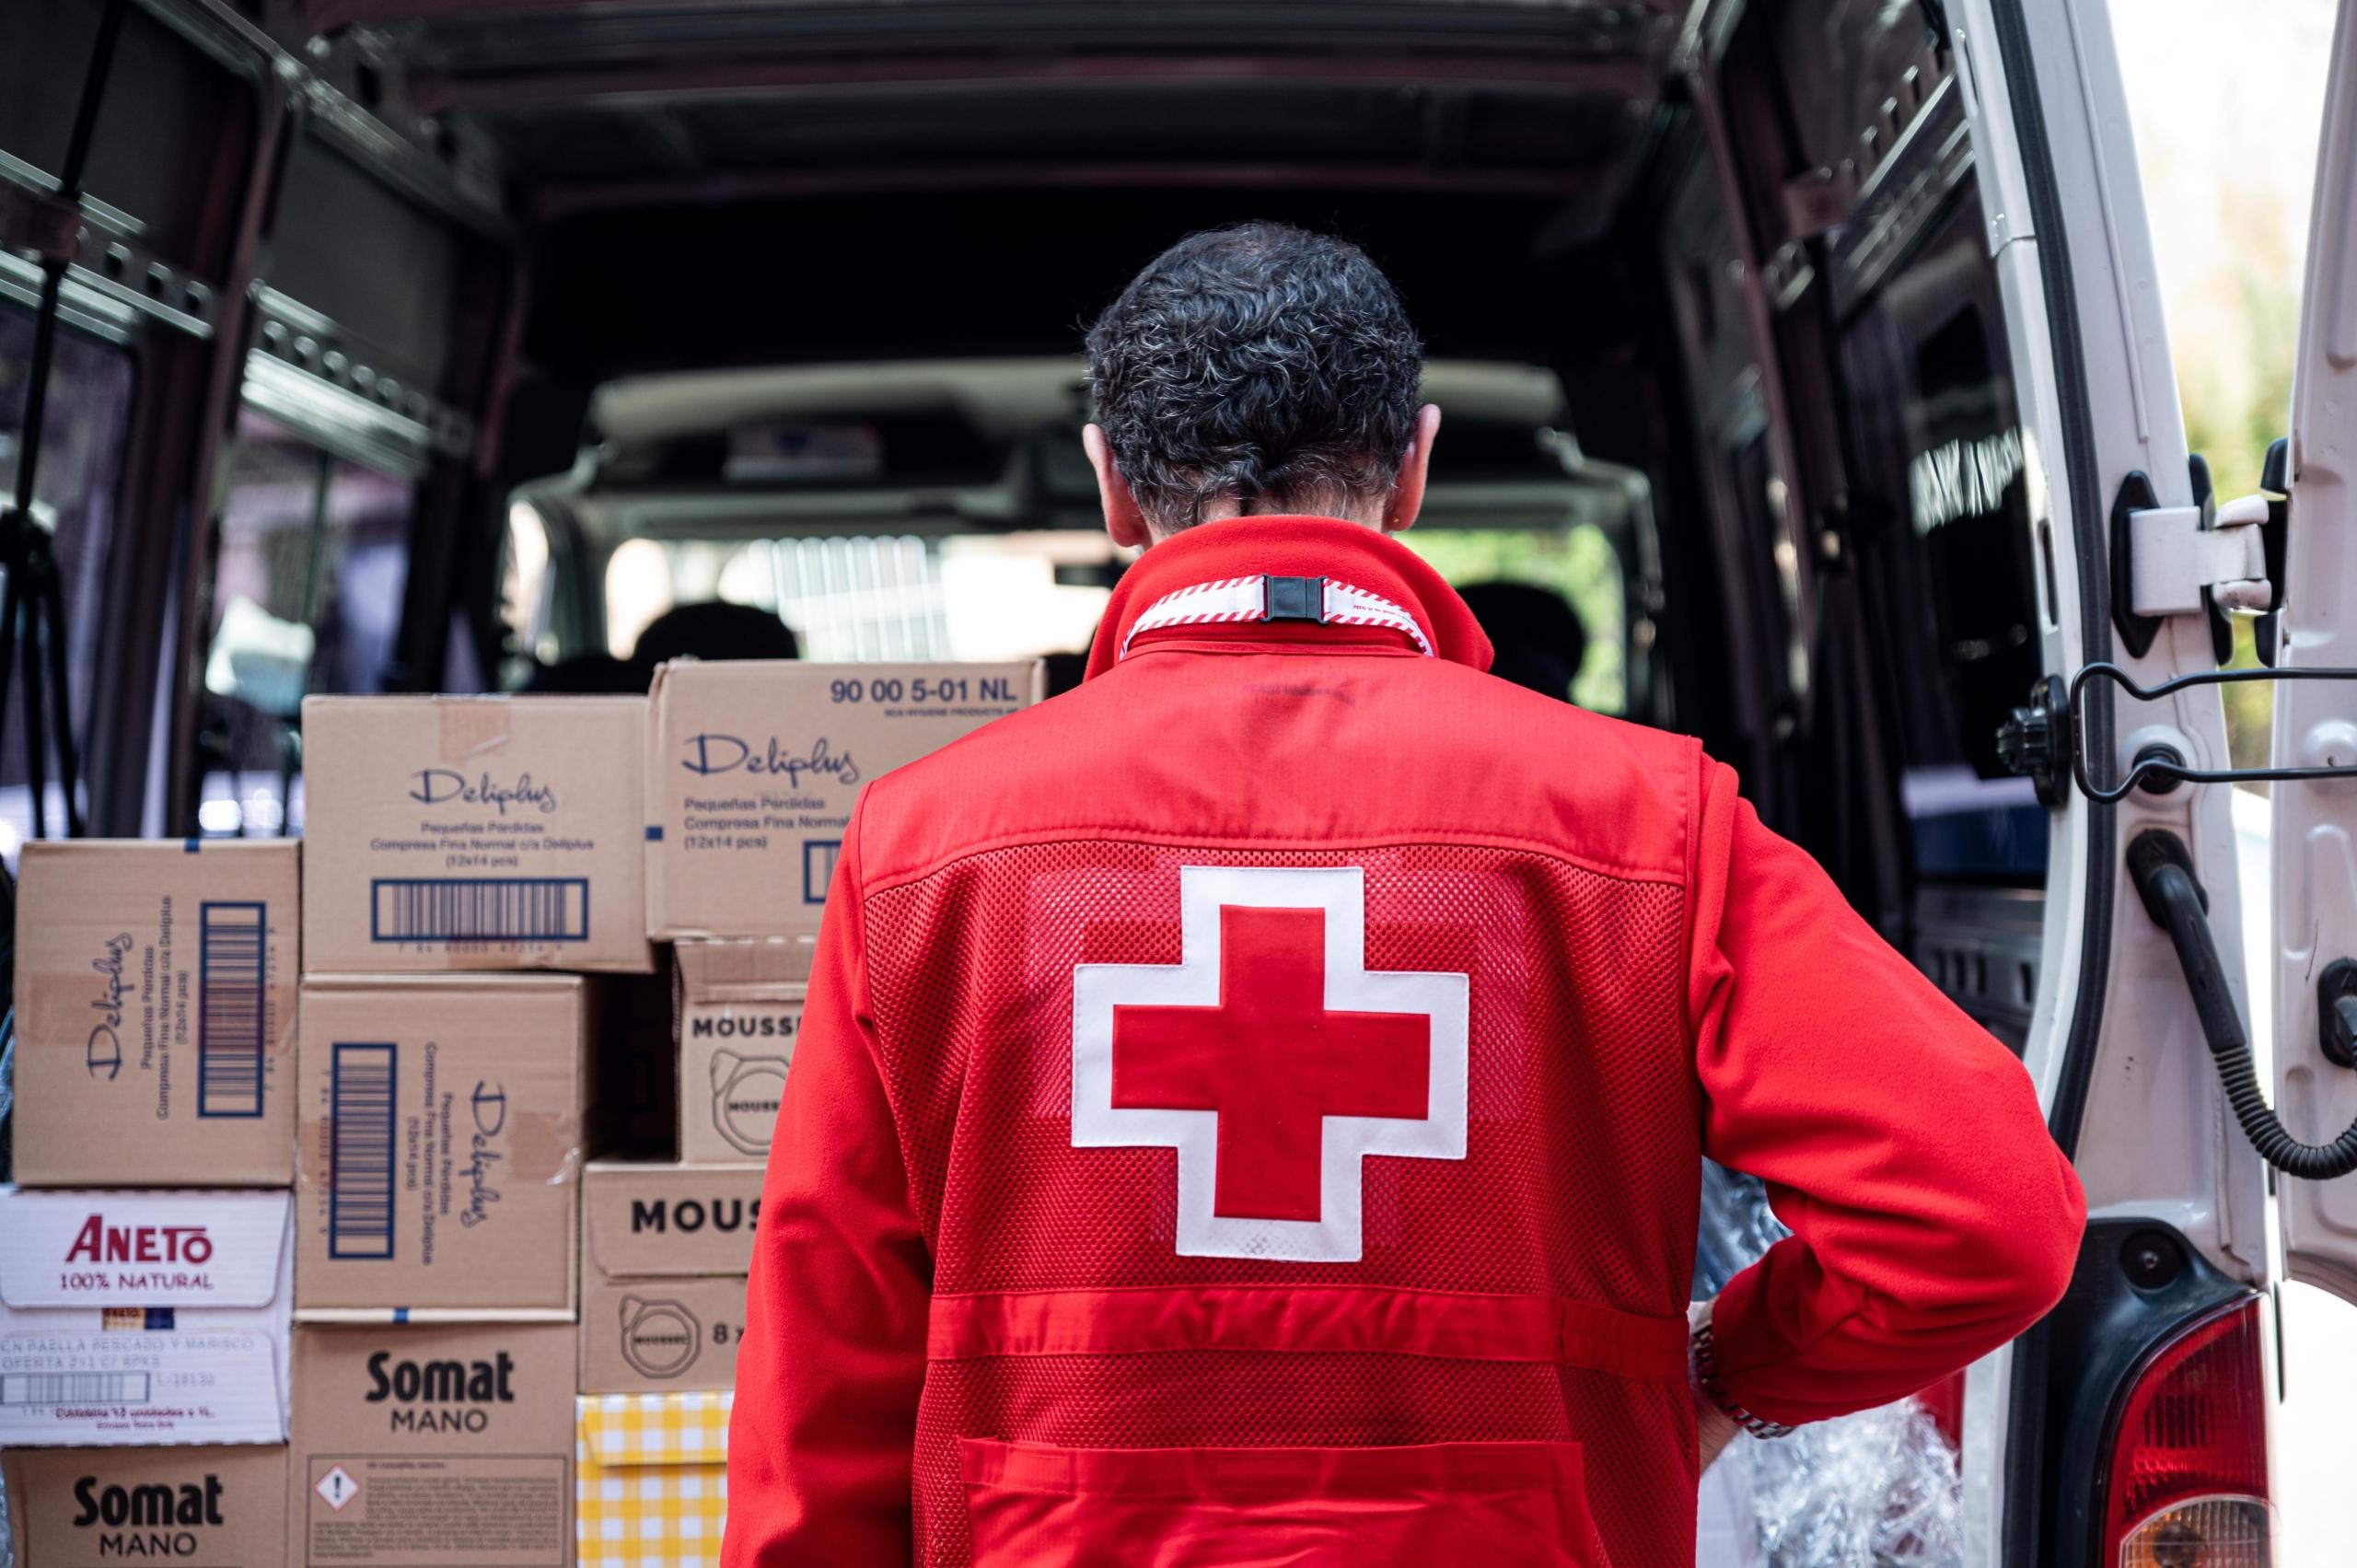 Un voluntari de Creu Roja descarregant productes de primera necessitat / QUIM RIERA